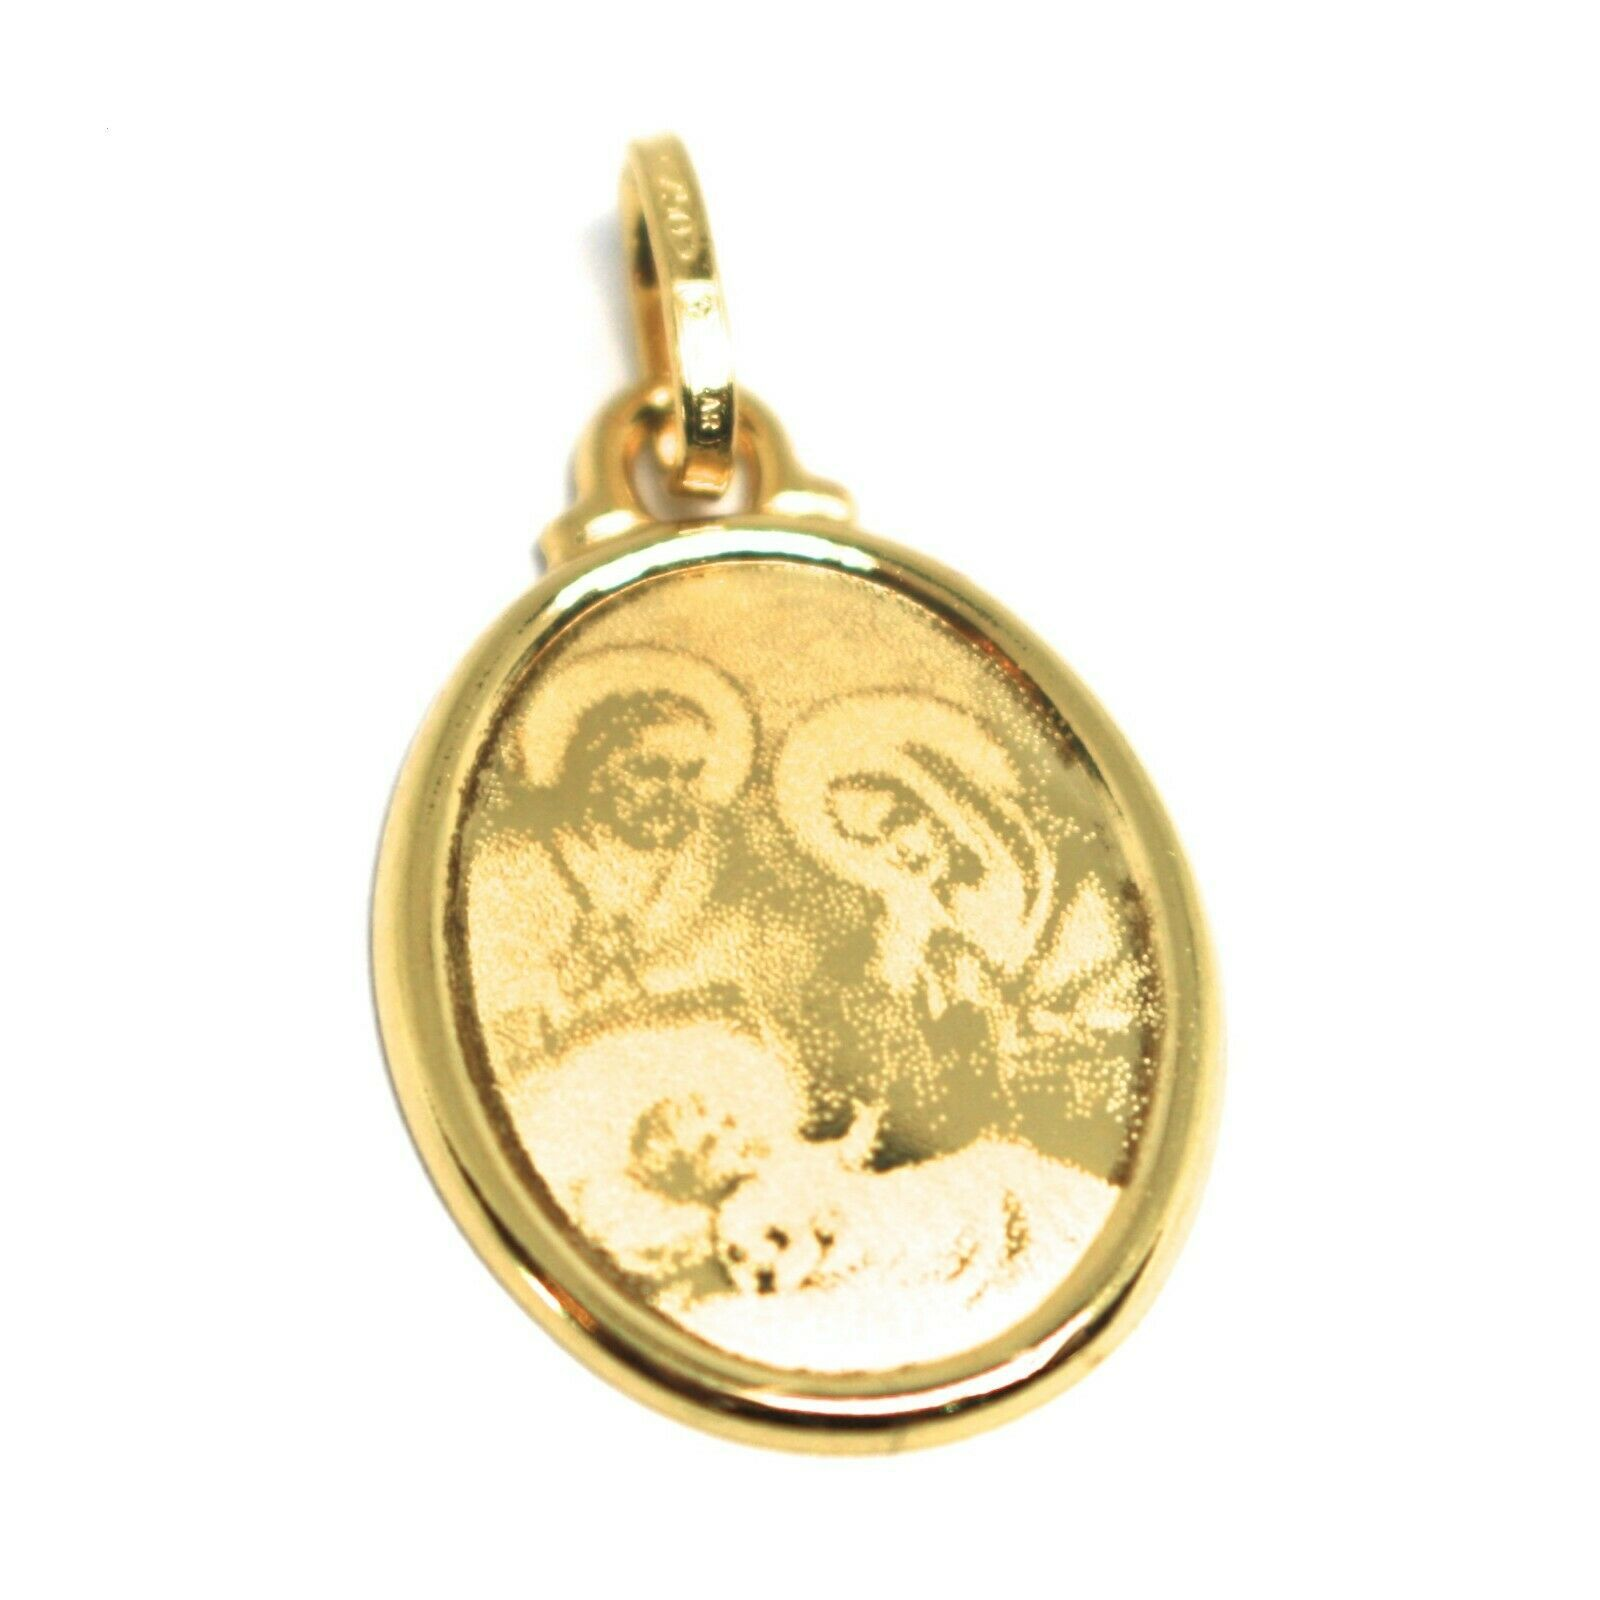 Pendentif Médaille or Jaune 750 18K, Sainte Famille, Marie Joseph Jésus image 2